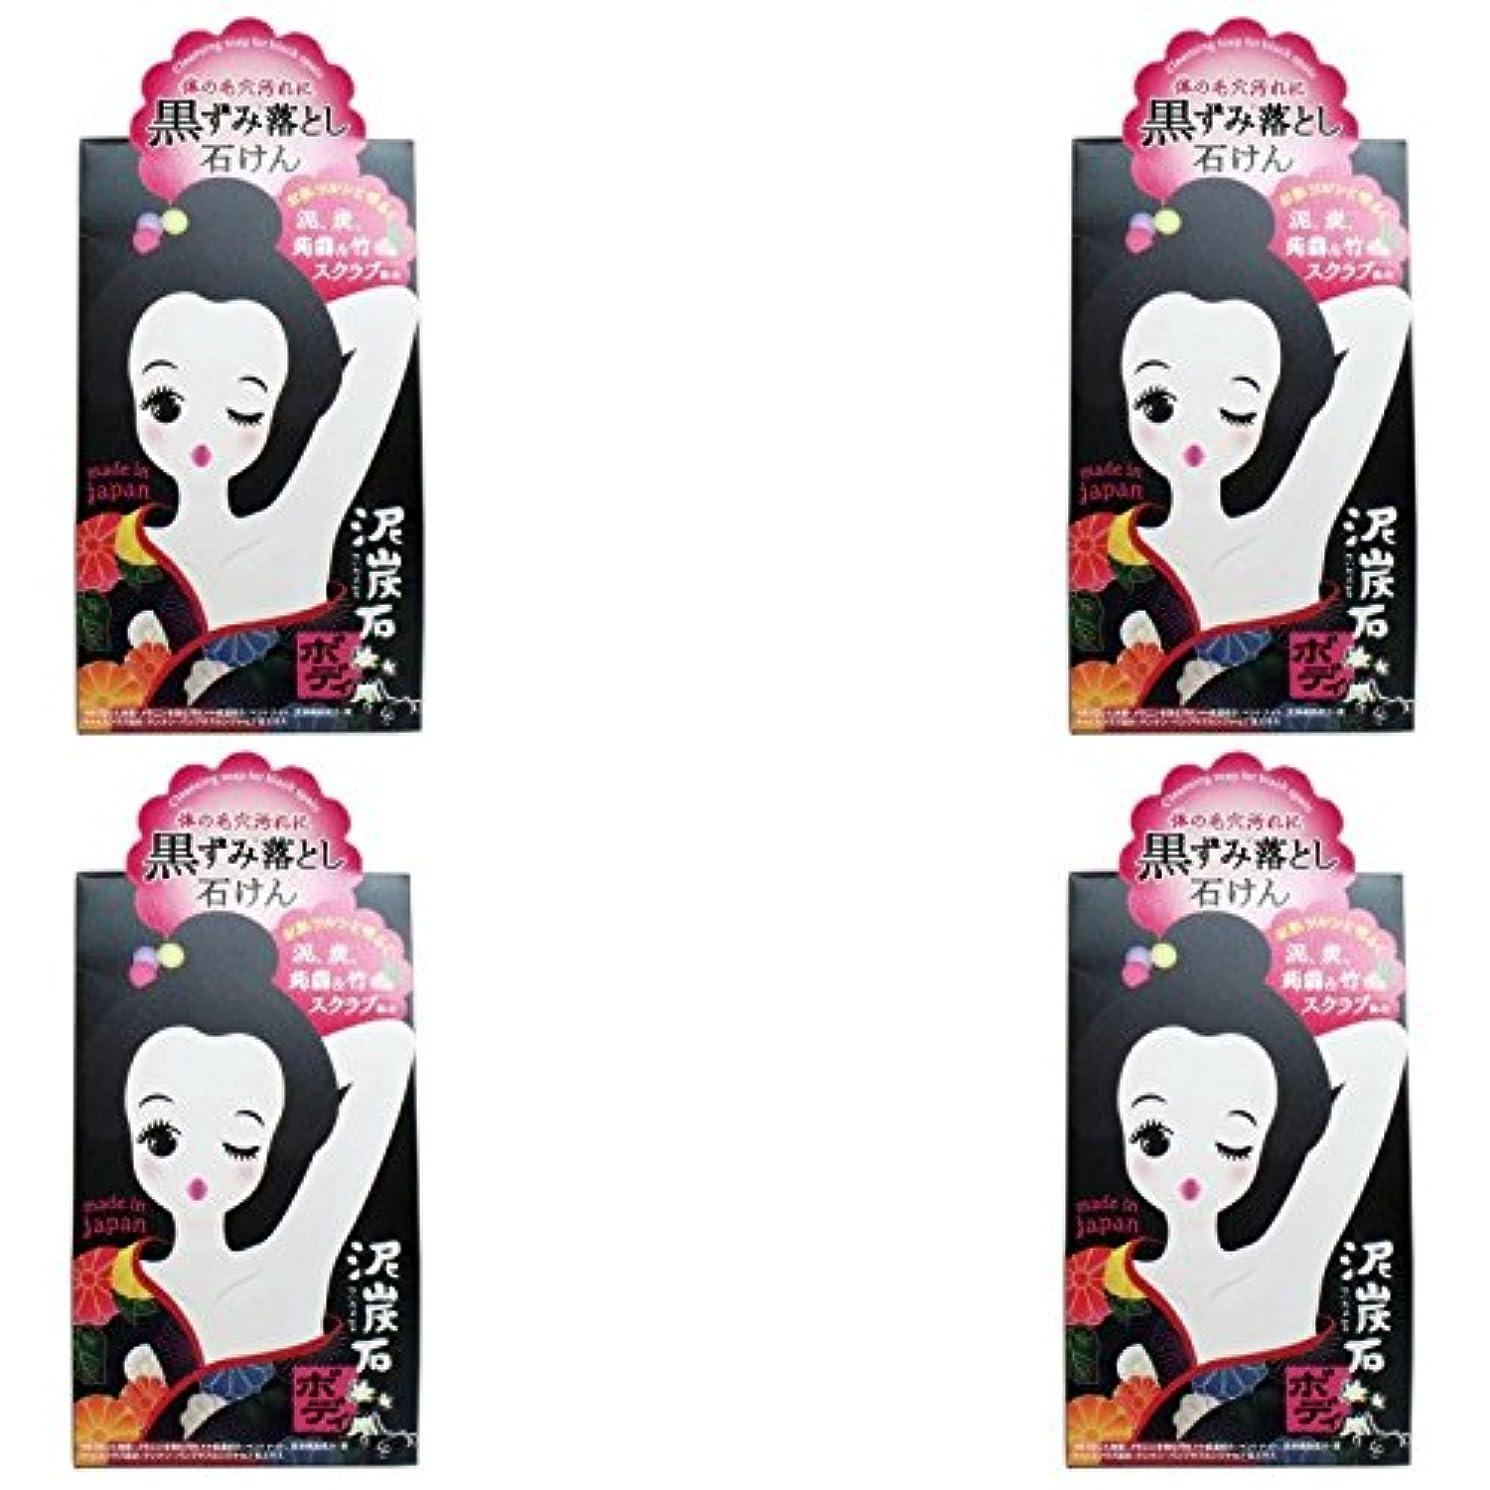 炭水化物悲惨な補助金【まとめ買い】泥炭石 ボディスクラブ石鹸 100g【×4個】